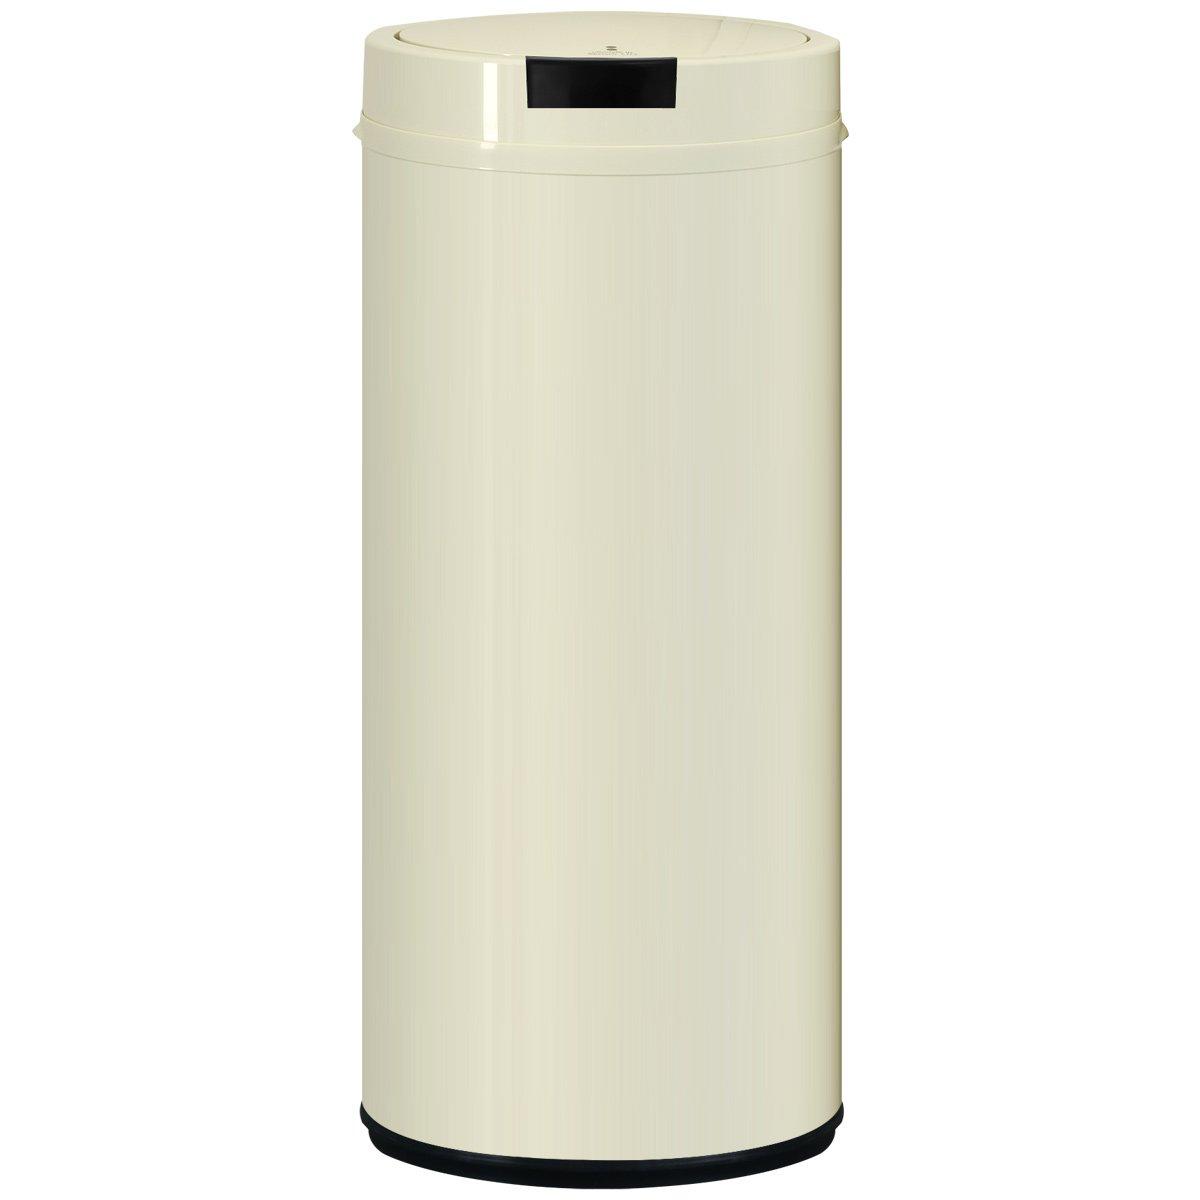 ottostyle.jp センサー付 全自動 スチールごみ箱/ゴミ箱 【容量42L】ラウンドタイプ オフホワイト 手をかざして自動開閉 近づくだけで自動で開く キッチン リビング ペット 感知センサー ダストボックス 45リットルゴミ袋対応 B01GCCKFEA オフホワイト オフホワイト